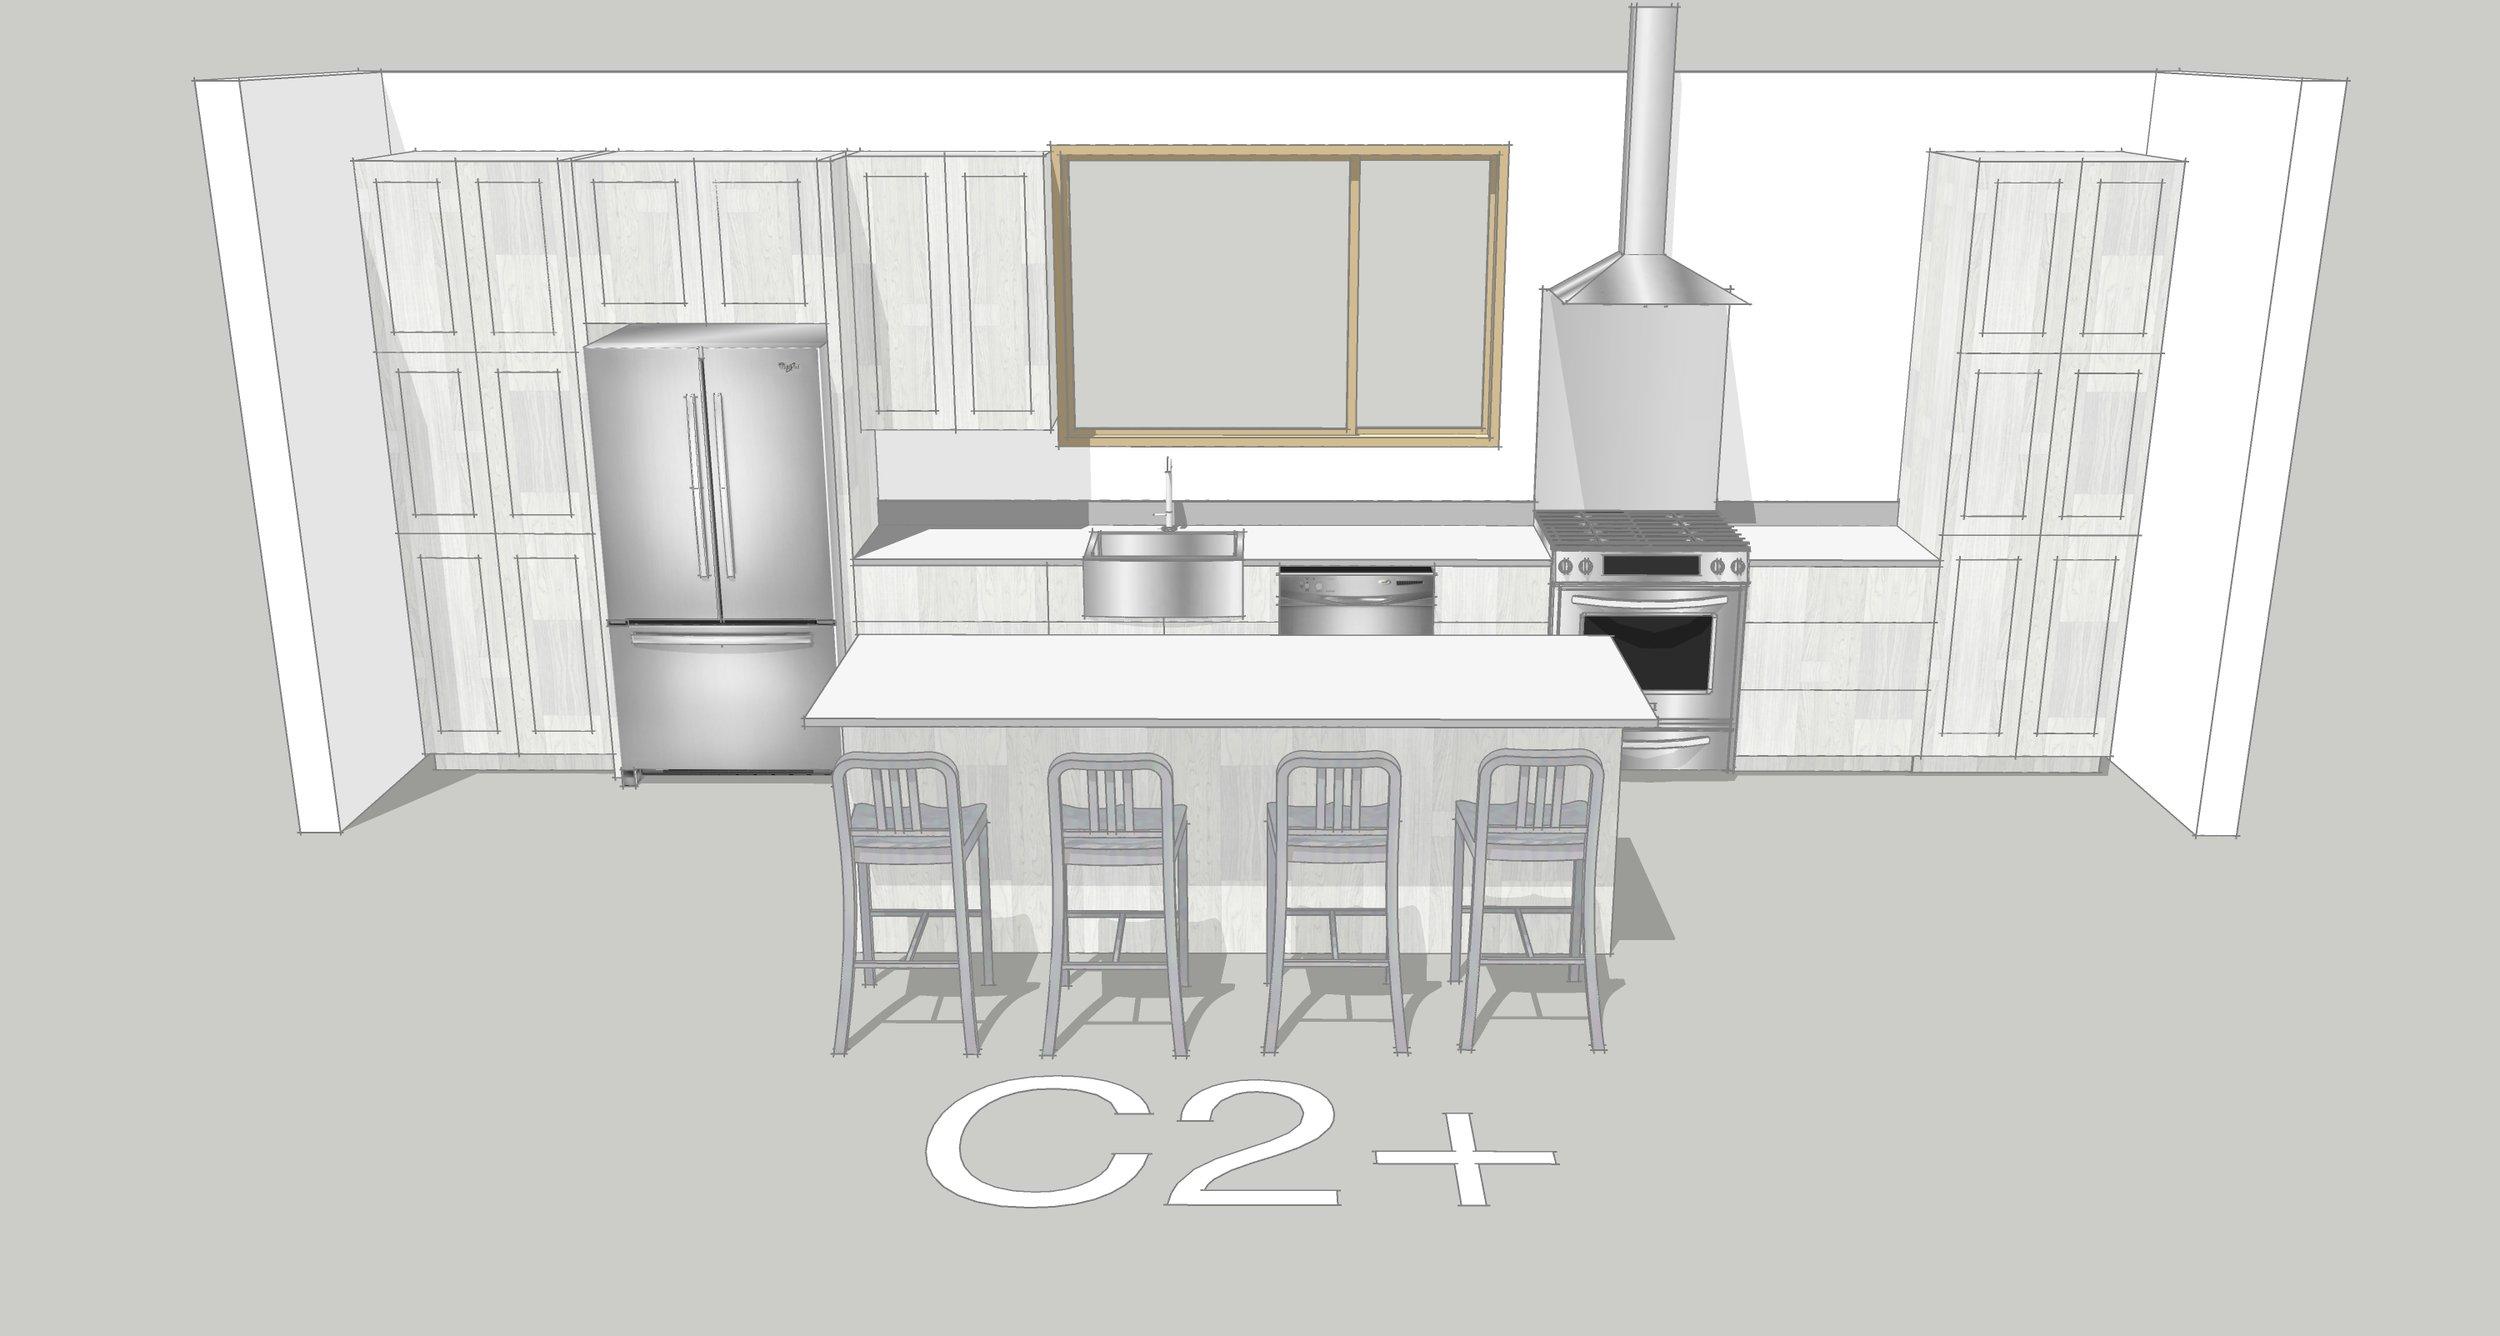 c2+ kitchen.jpg